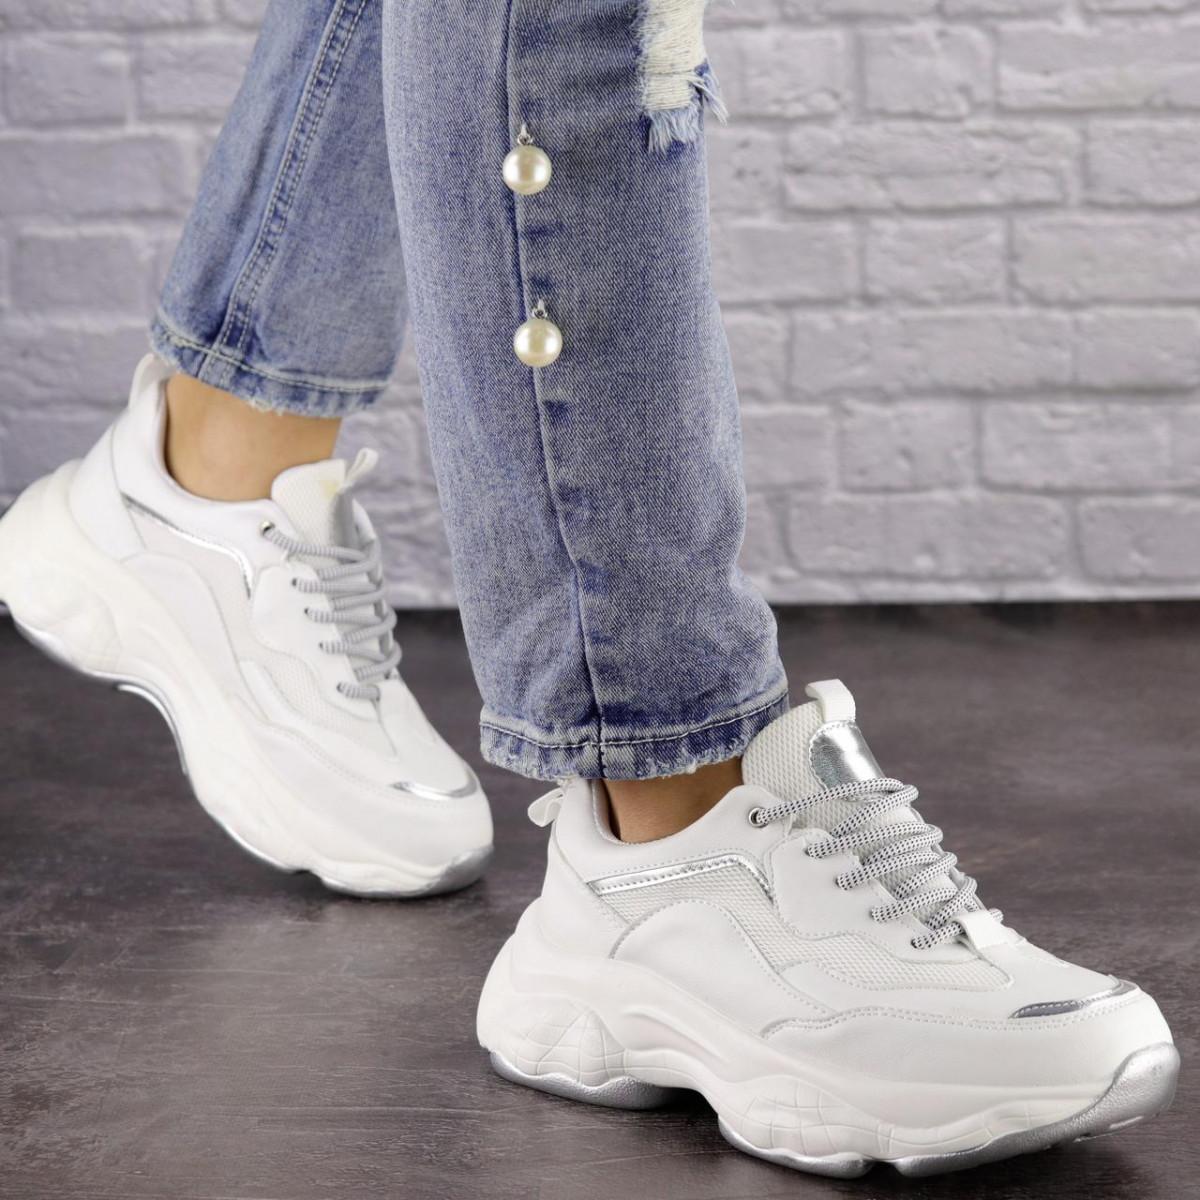 Жіночі кросівки Fashion Harper 1463 36 розмір 23 см Білий